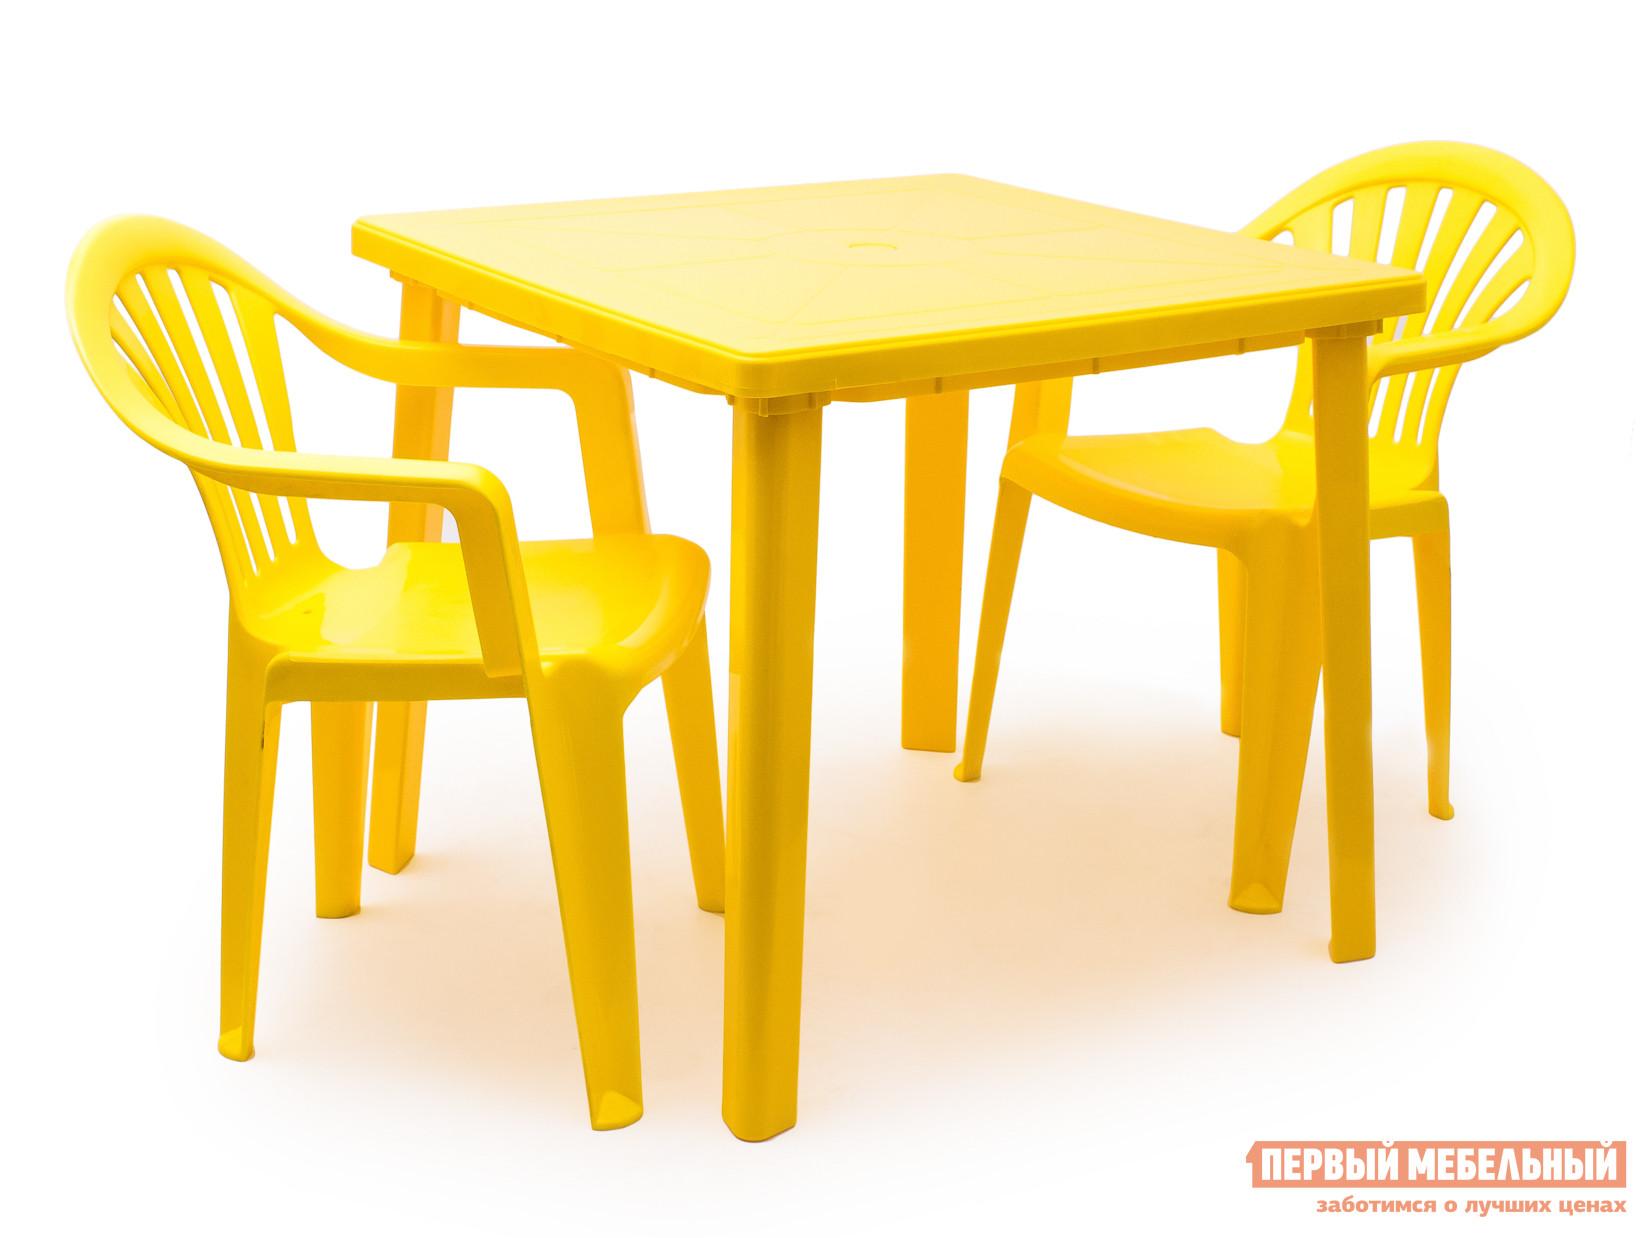 Набор пластиковой мебели Стандарт Пластик Стол квадратный (800х800х710) + Кресло №1 Пальма-1 (560х550х770мм), 2 шт. ЖелтыйНаборы пластиковой мебели<br>Габаритные размеры ВхШхГ xx мм. Для теплых бесед тет-а-тет в тенистом саду или на морском побережье подойдет замечательный комплект из трех предметов Спинт-1 + Пальма-1.  Гарнитур представляет собой квадратный стол размером (ВхШхГ): 710 х 800 х 800 мм и два кресла размером (ВхШхГ): 770 х 560 х 550 мм. Такой комплект очень практичен в использовании.  Ведь он не боится ни солнечного света, ни летних дождей.  Поверхность легко очищается мягкой тряпочкой, а хранение в не сезон весьма удобно.  Стулья стопируются, а у стола снимаются ножки.<br><br>Цвет: Желтый<br>Кол-во упаковок: 3<br>Форма поставки: В разобранном виде<br>Срок гарантии: 1 год<br>Тип: На 2 персоны